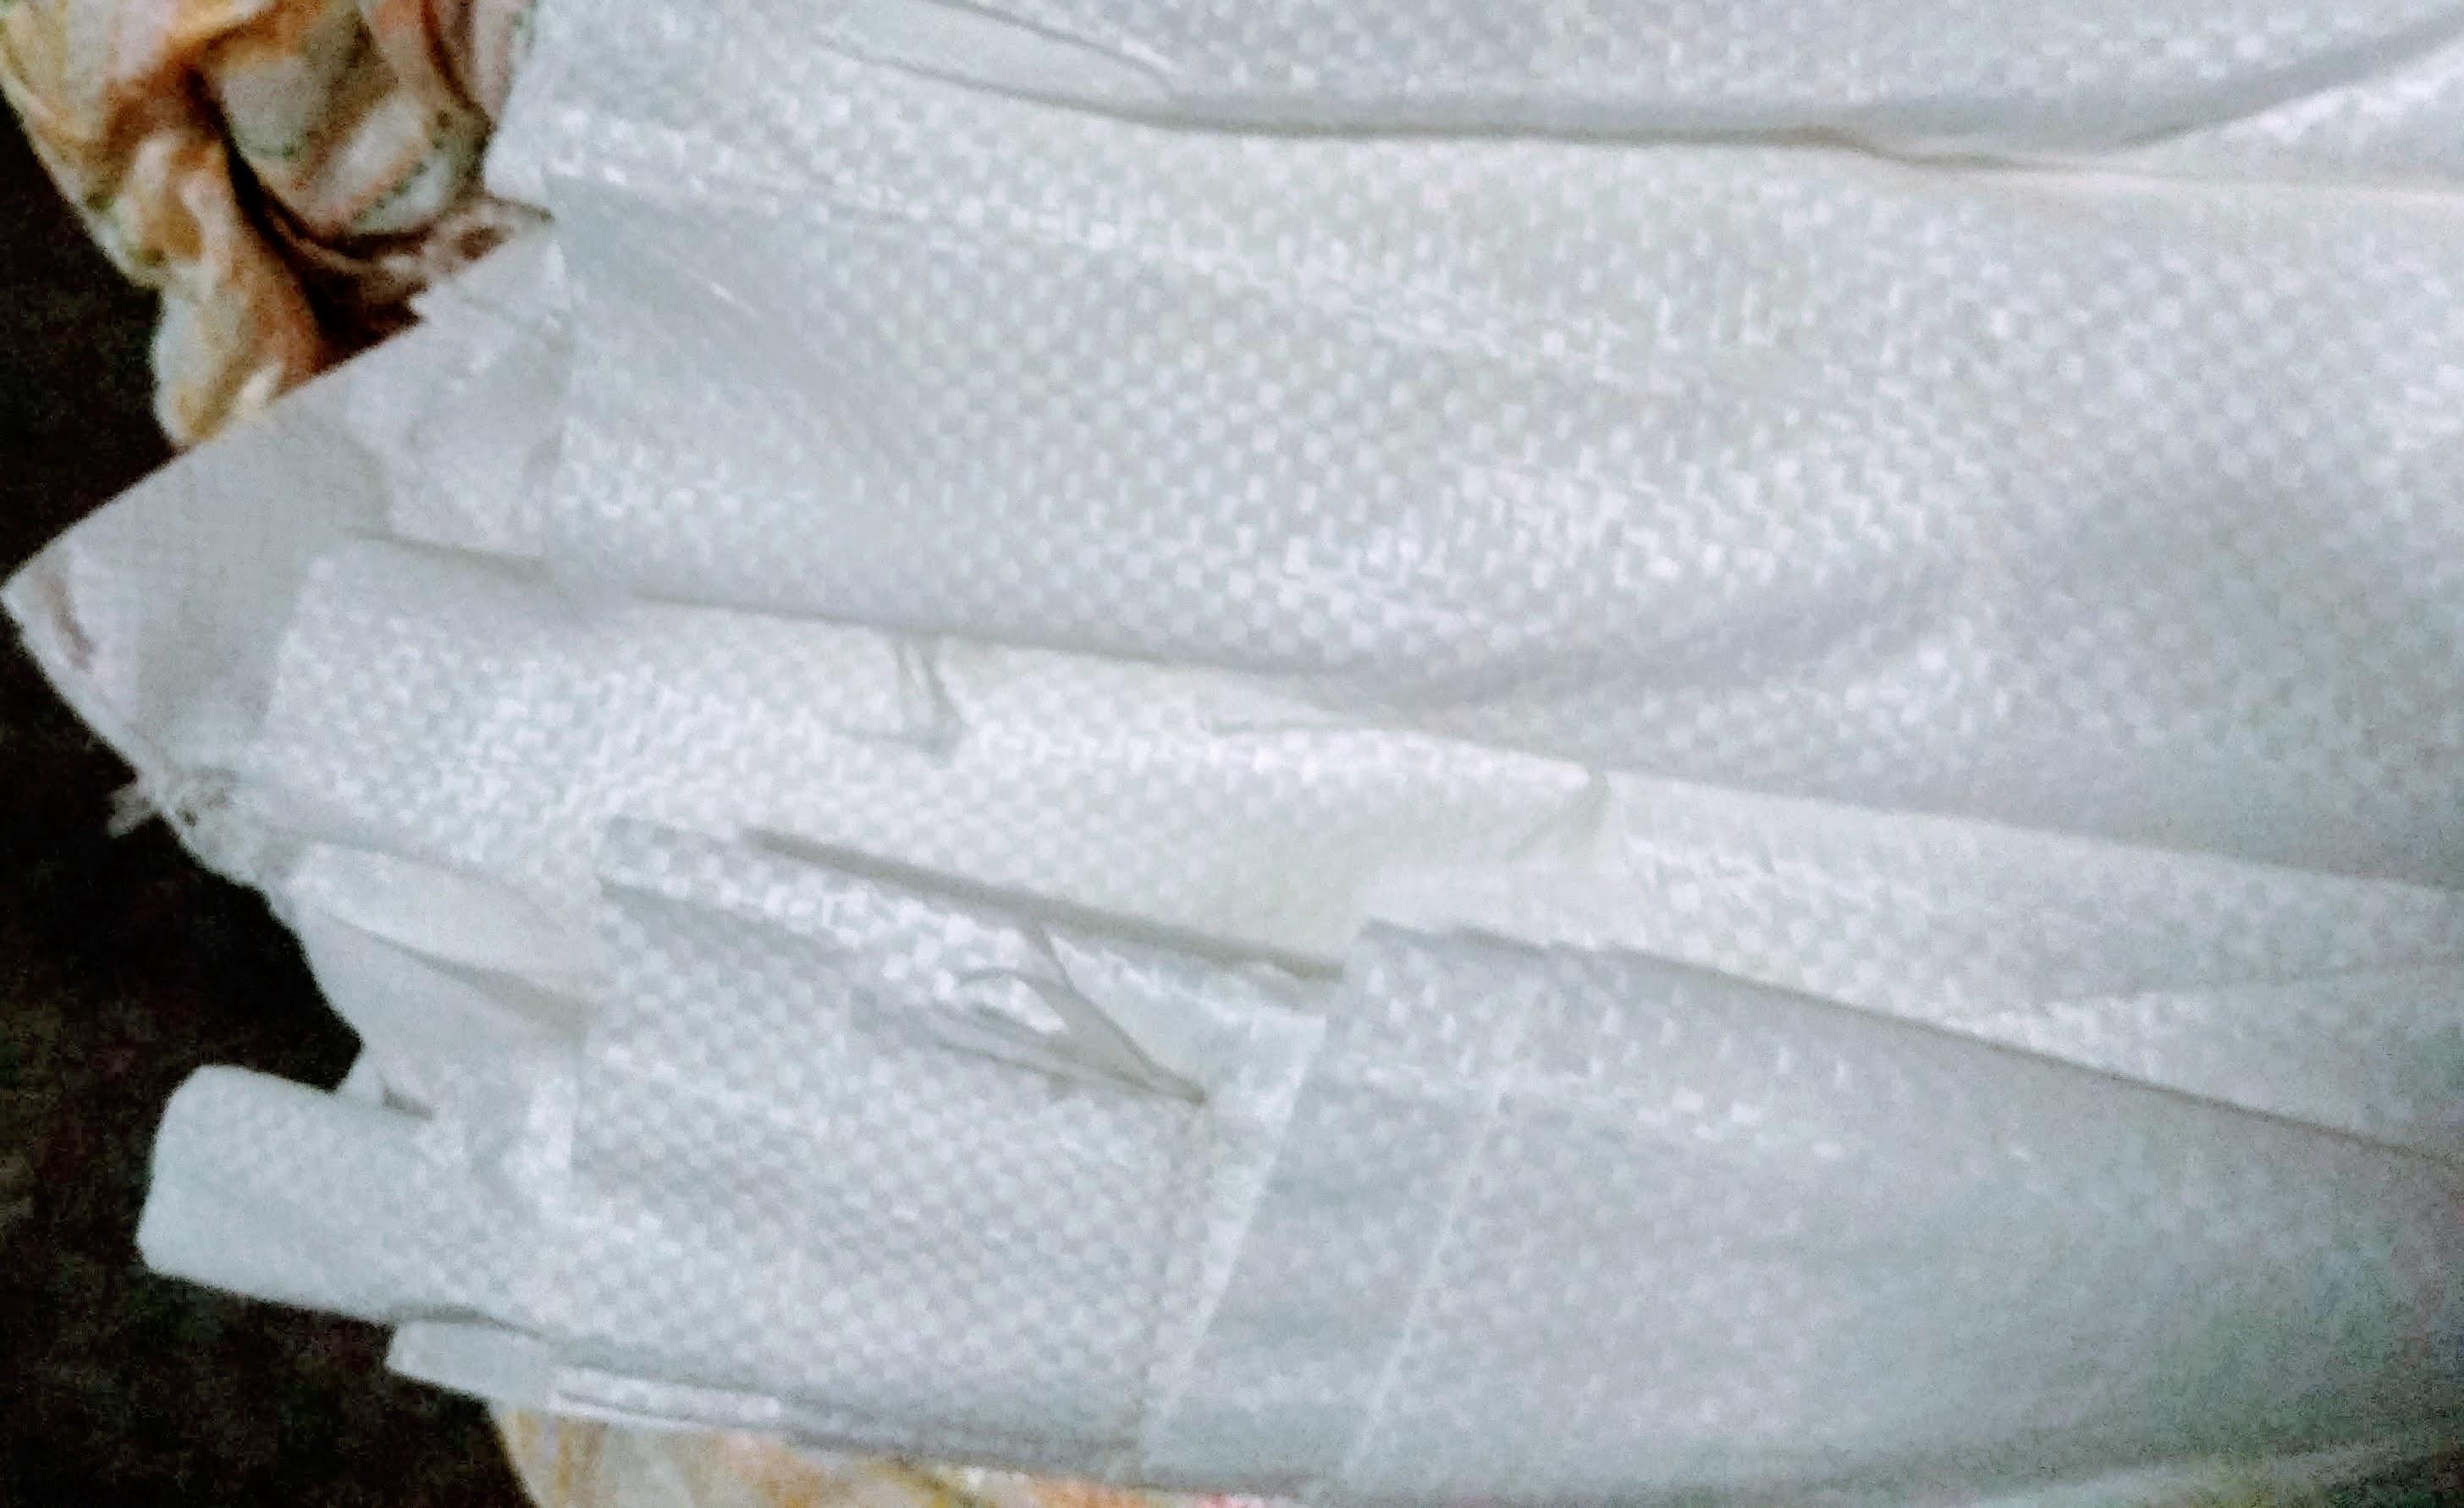 Мешки полипропиленовые 100 * 120 см. высший сорт (плотность 64 гр/m2), большие на 100 кг.  вес 150 гр